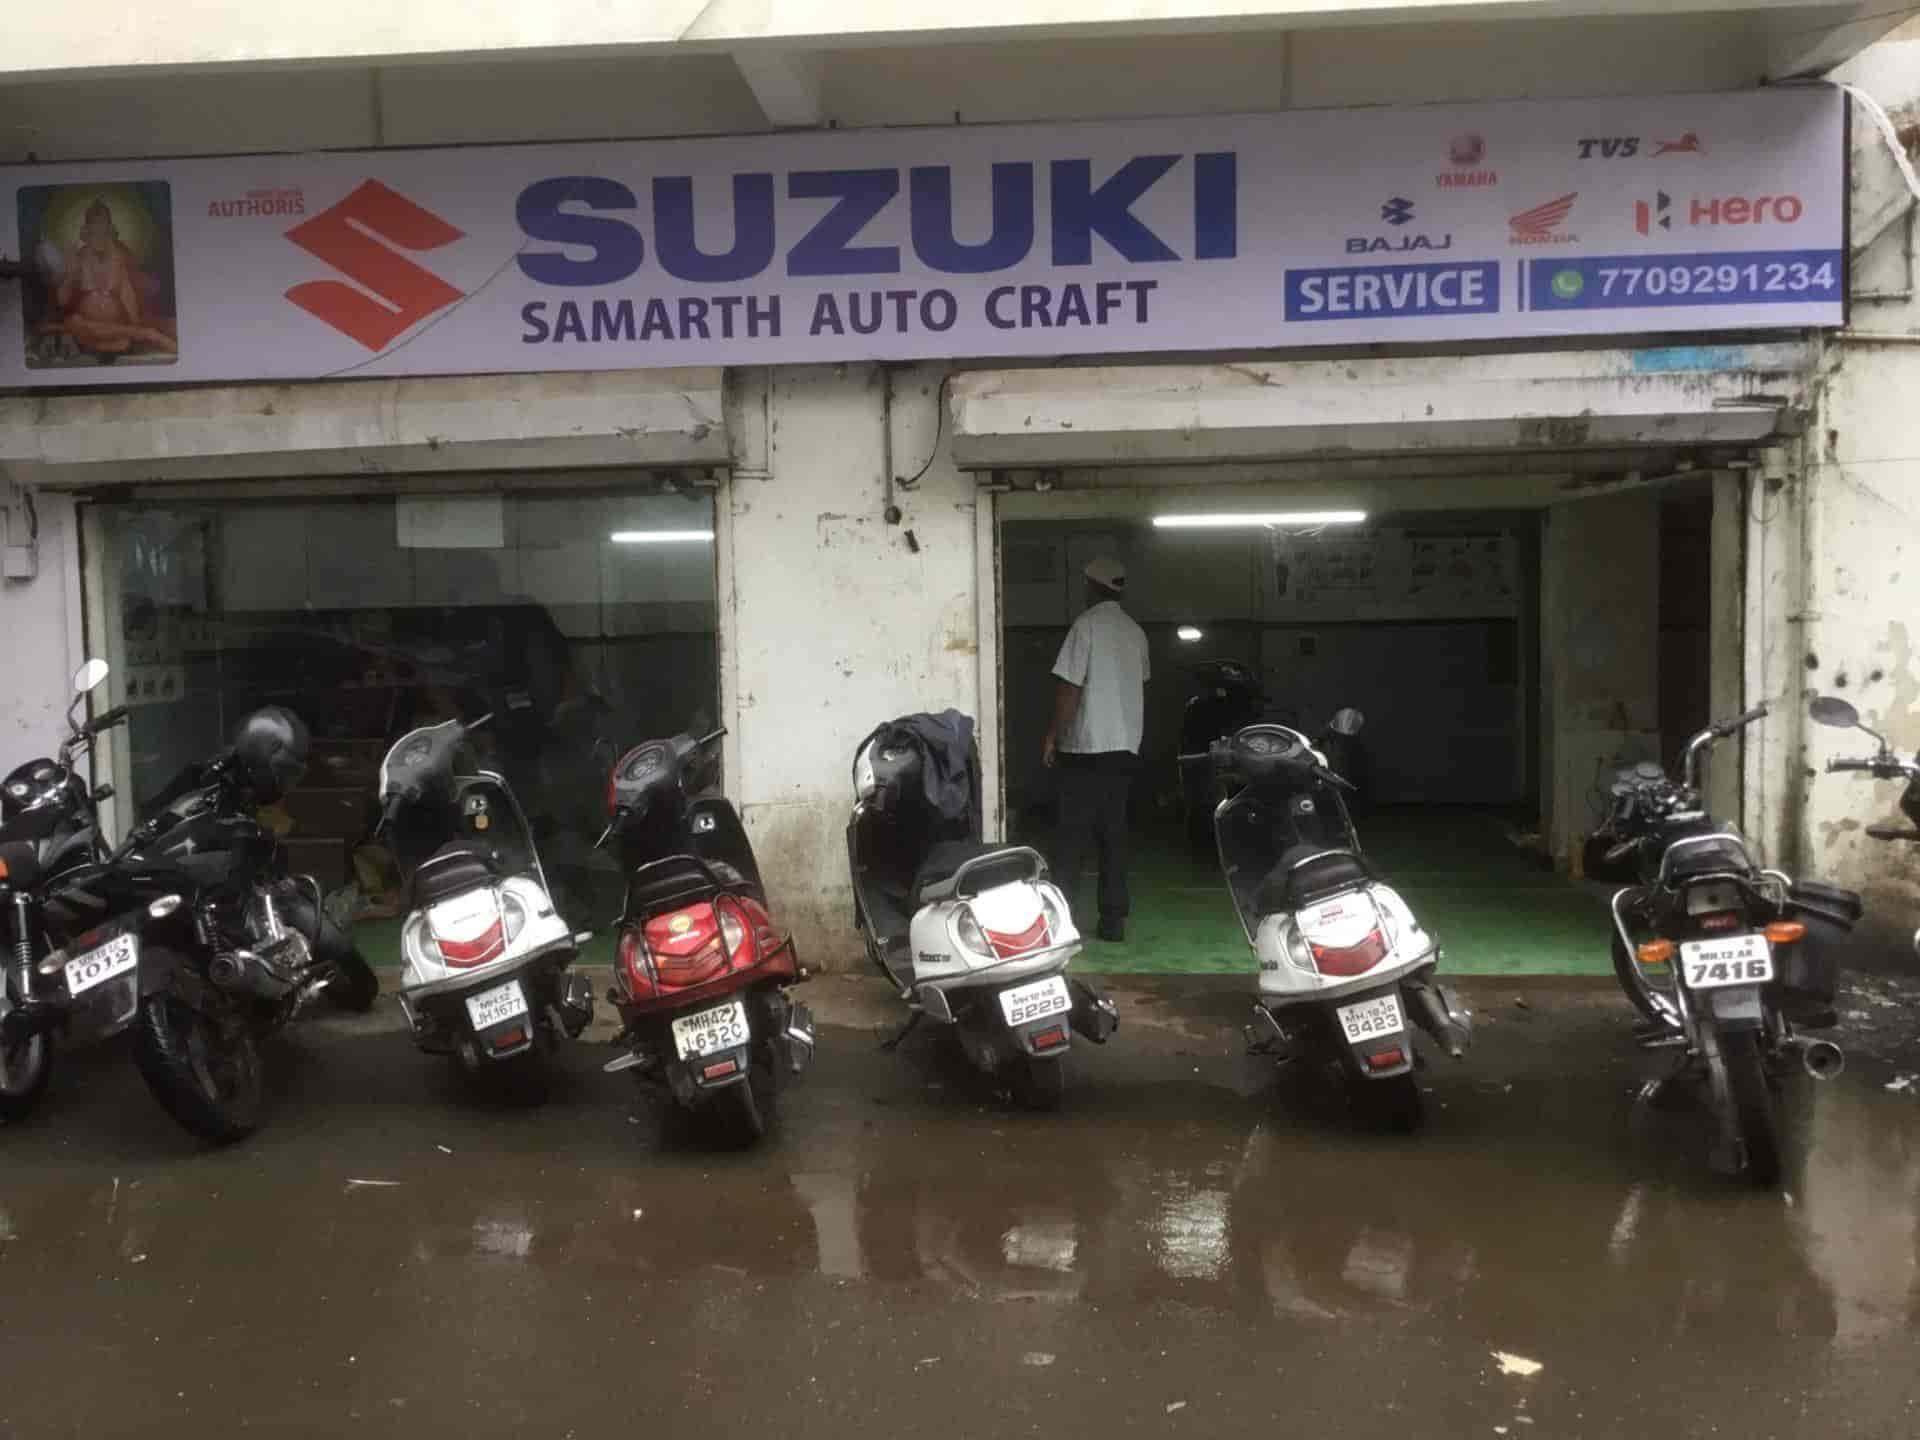 Top 100 Suzuki Motorcycle Repair & Services in Wakad - Best Suzuki